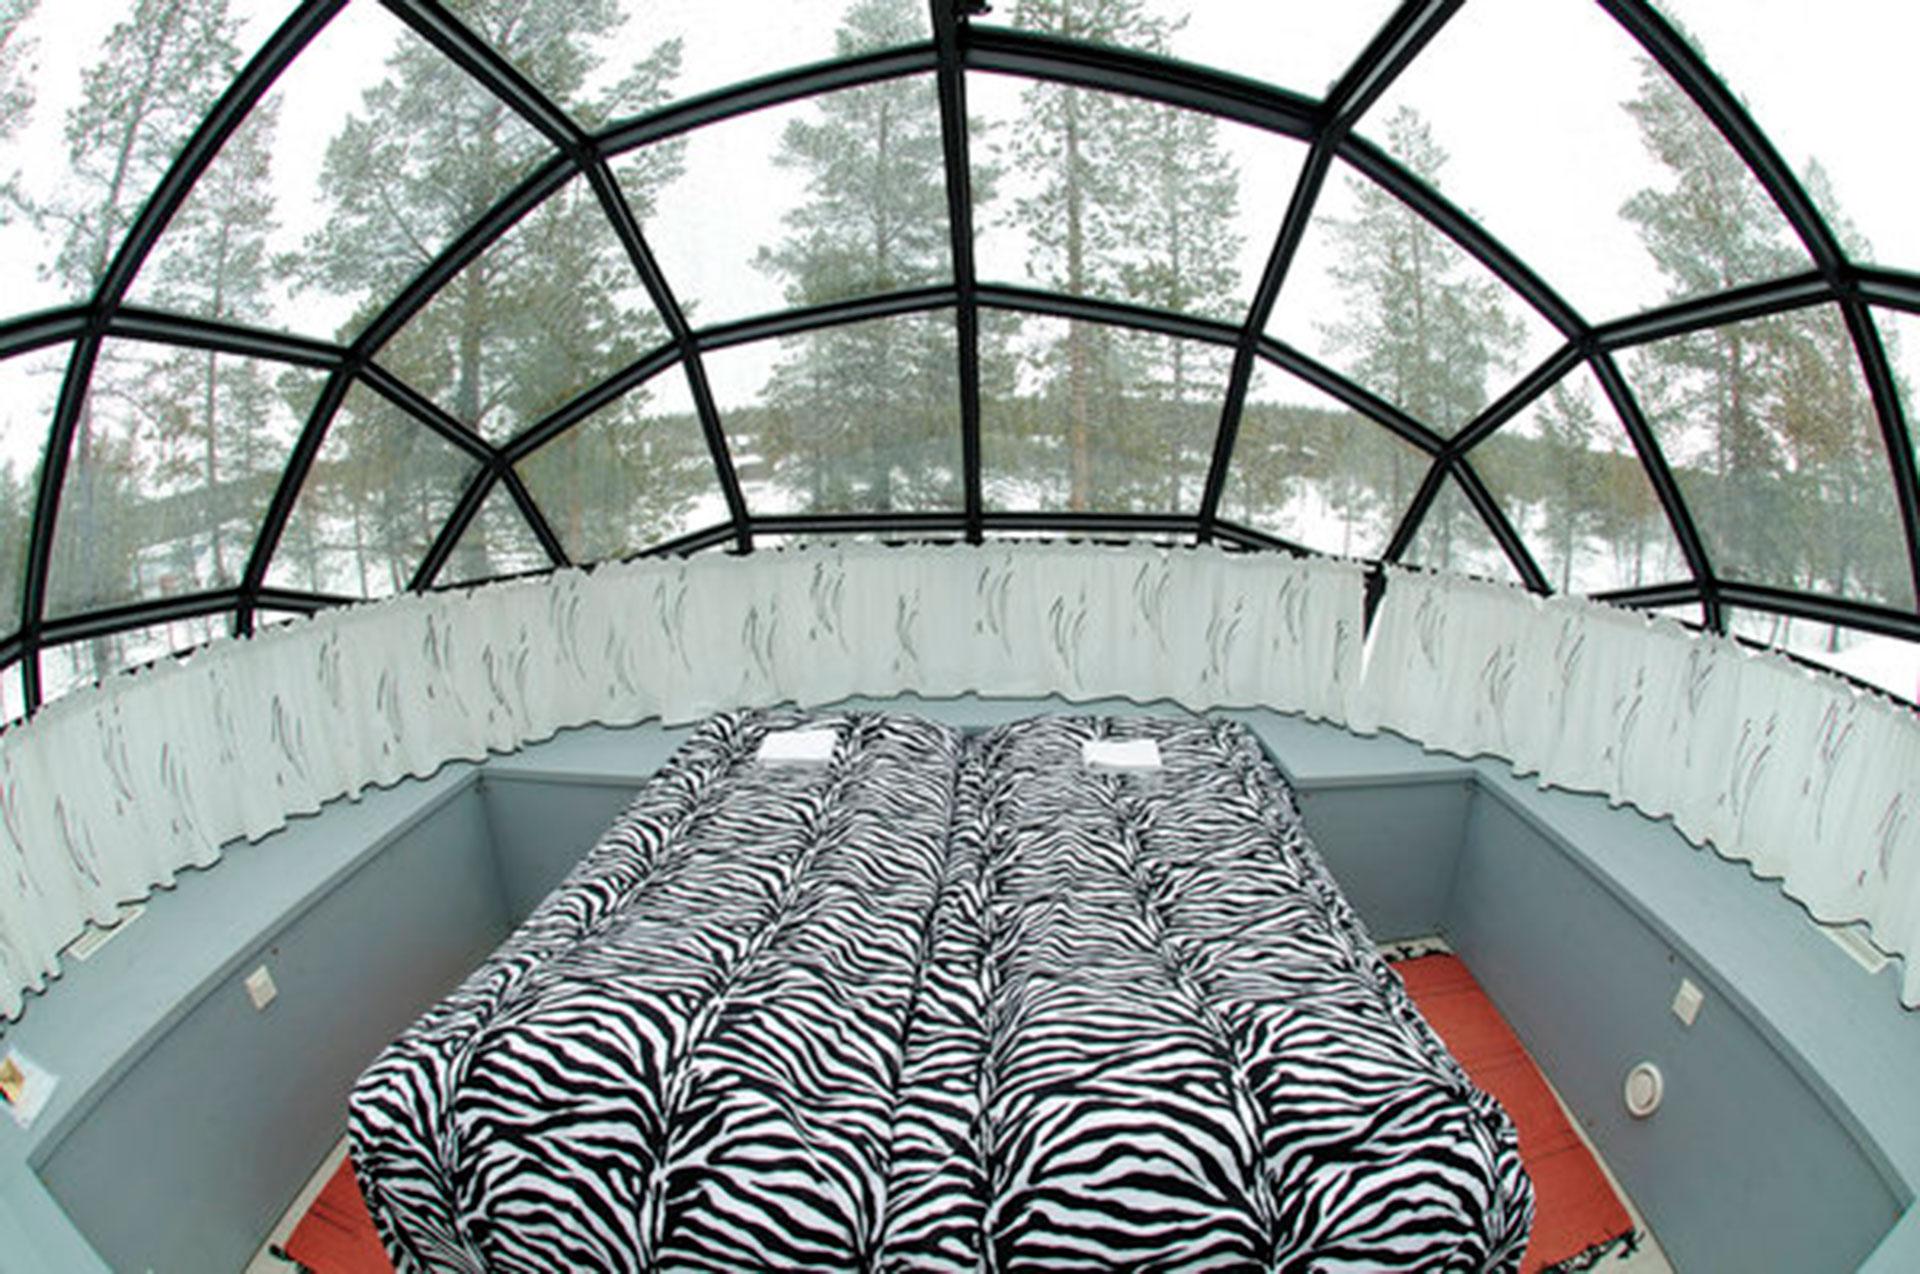 Hotel Kakslauttanen (Ivalo, Finlandia). Las habitaciones tienen tienen forma de iglú, pero son vidriadas, lo que permite apreciar las luces del norte